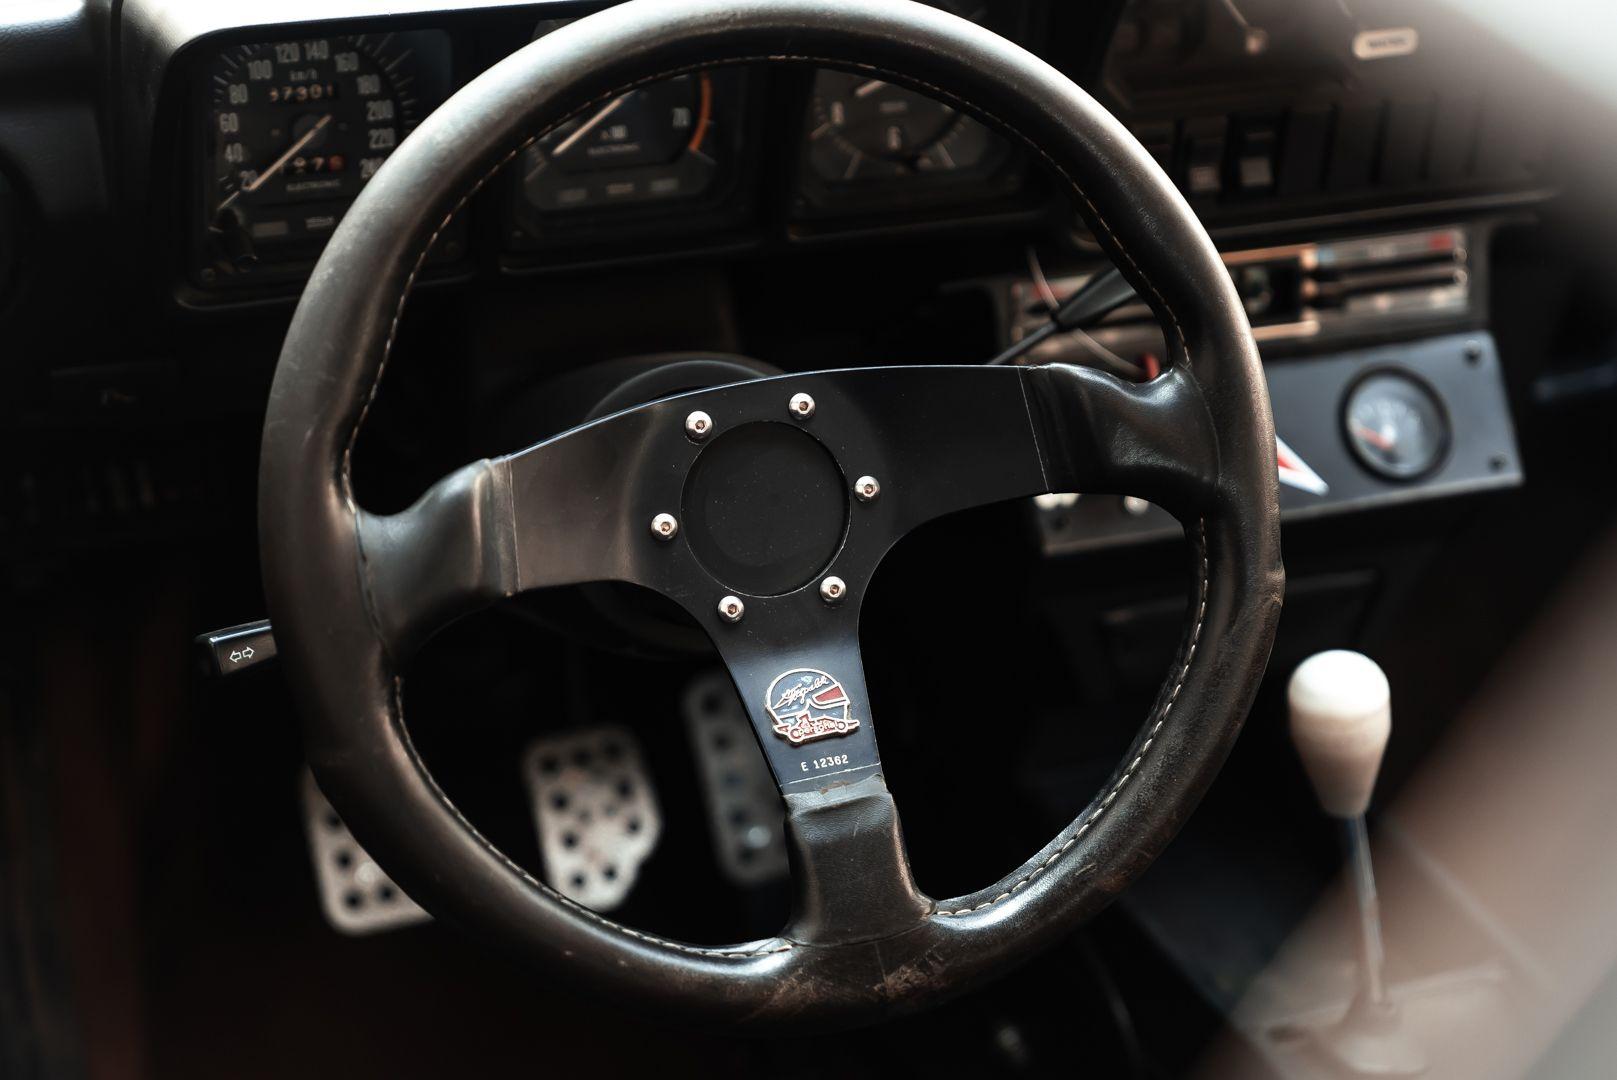 1981 Alfa Romeo GTV V6 2.5 Gr.2 Corsa 80122